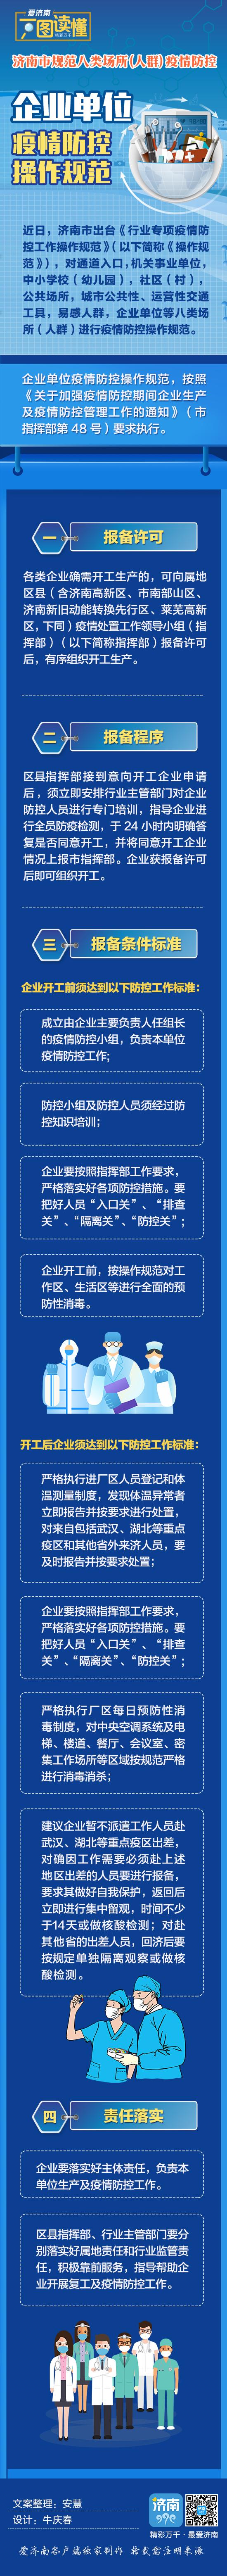 济南市规范八类场所(人群)疫情防控操作规范丨企业单位篇